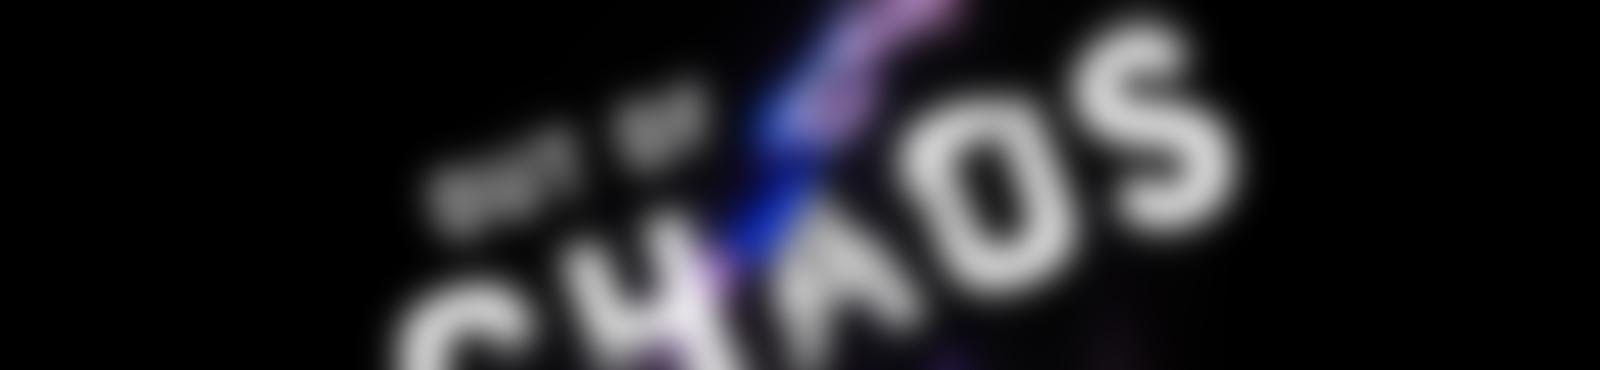 Blurred d841766c da92 4f86 aa6d add5572261b9